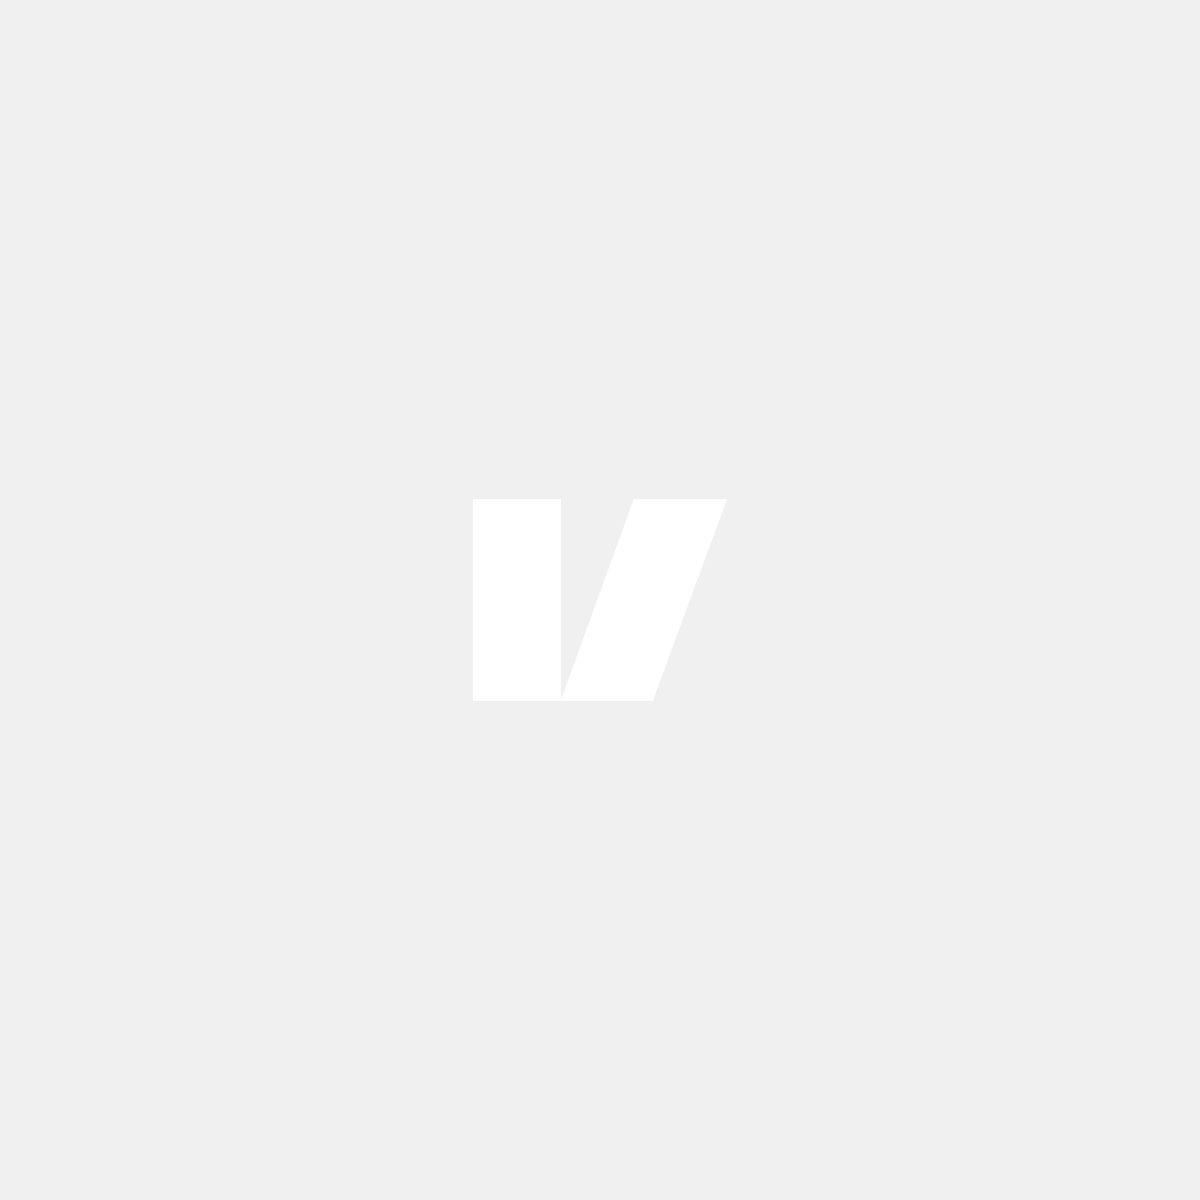 H&R sänkningsfjädersats 30mm, till Volvo V60, 4 cyl